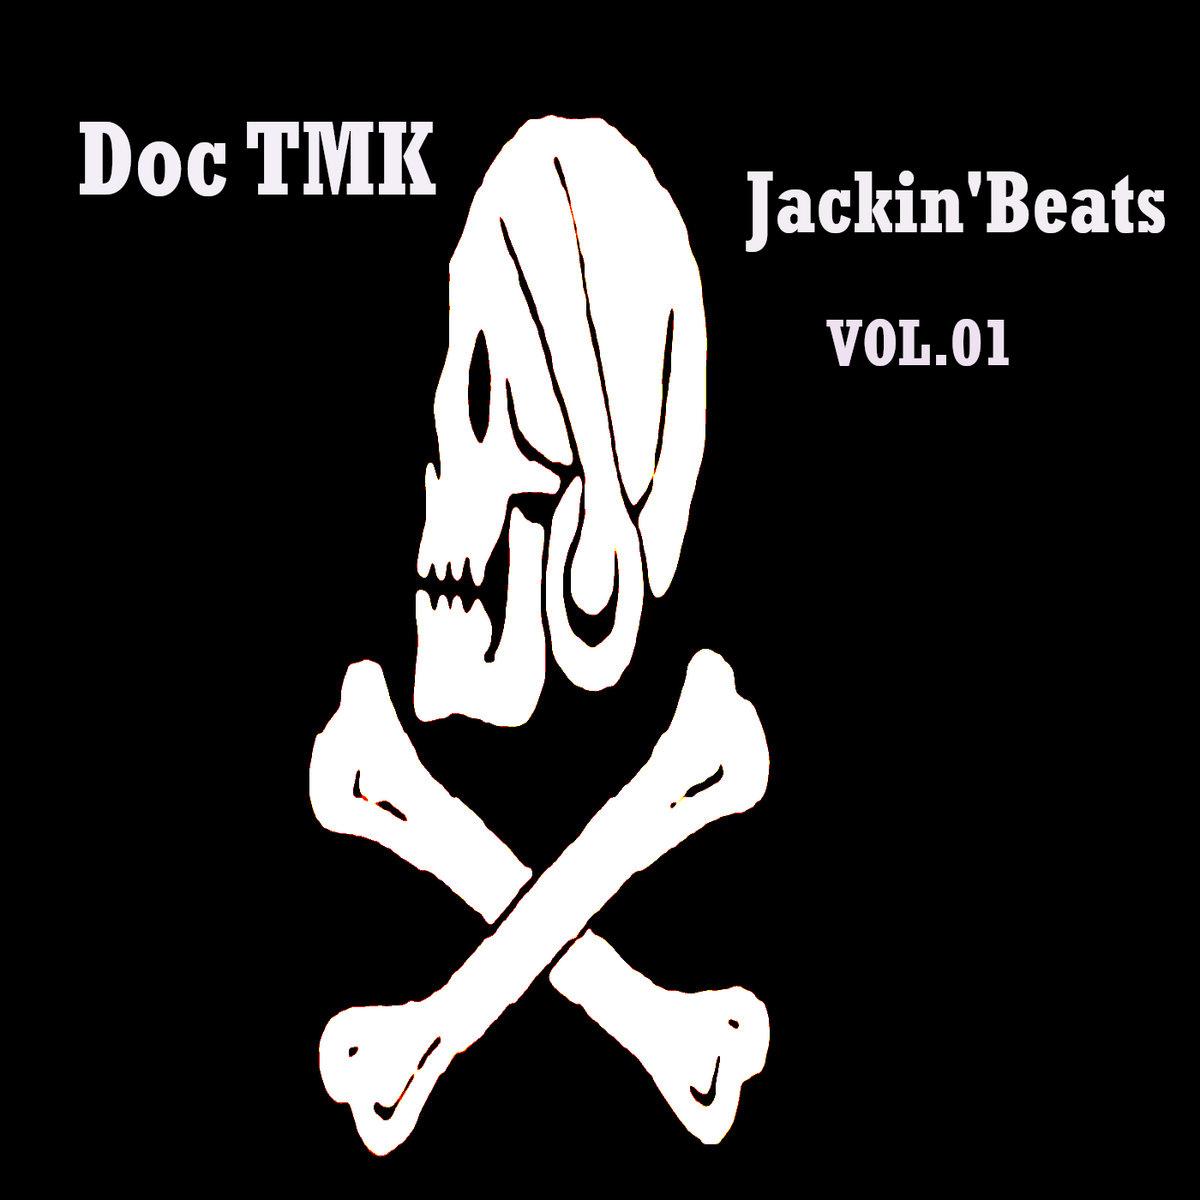 Jackin' Beat 08 - 90 BPM | Pimp Poetry Records